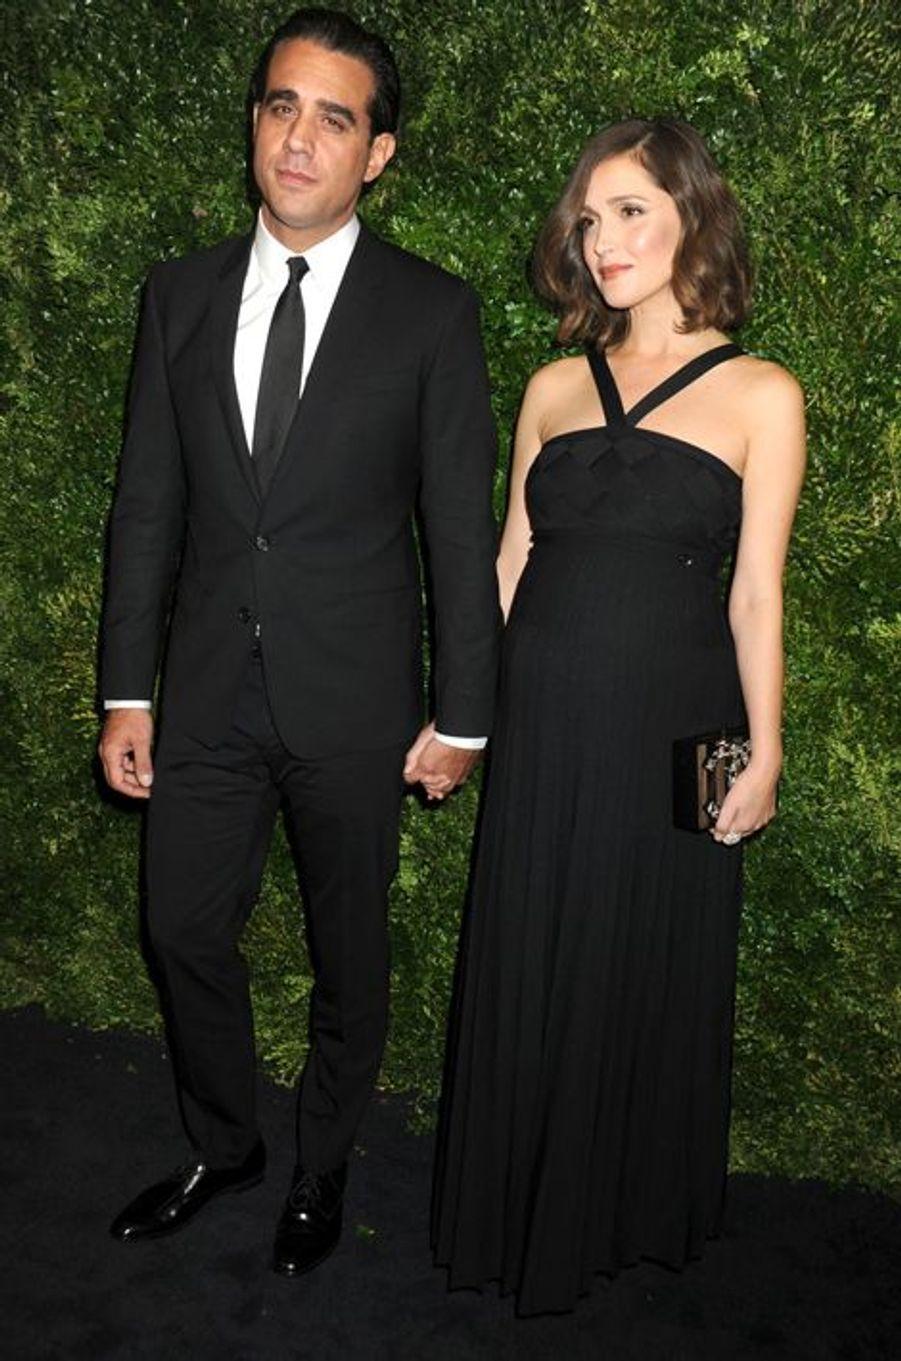 L'actrice Rose Byrne et son compagnon Bobby Cannavale attendent leur premier enfant ensemble.